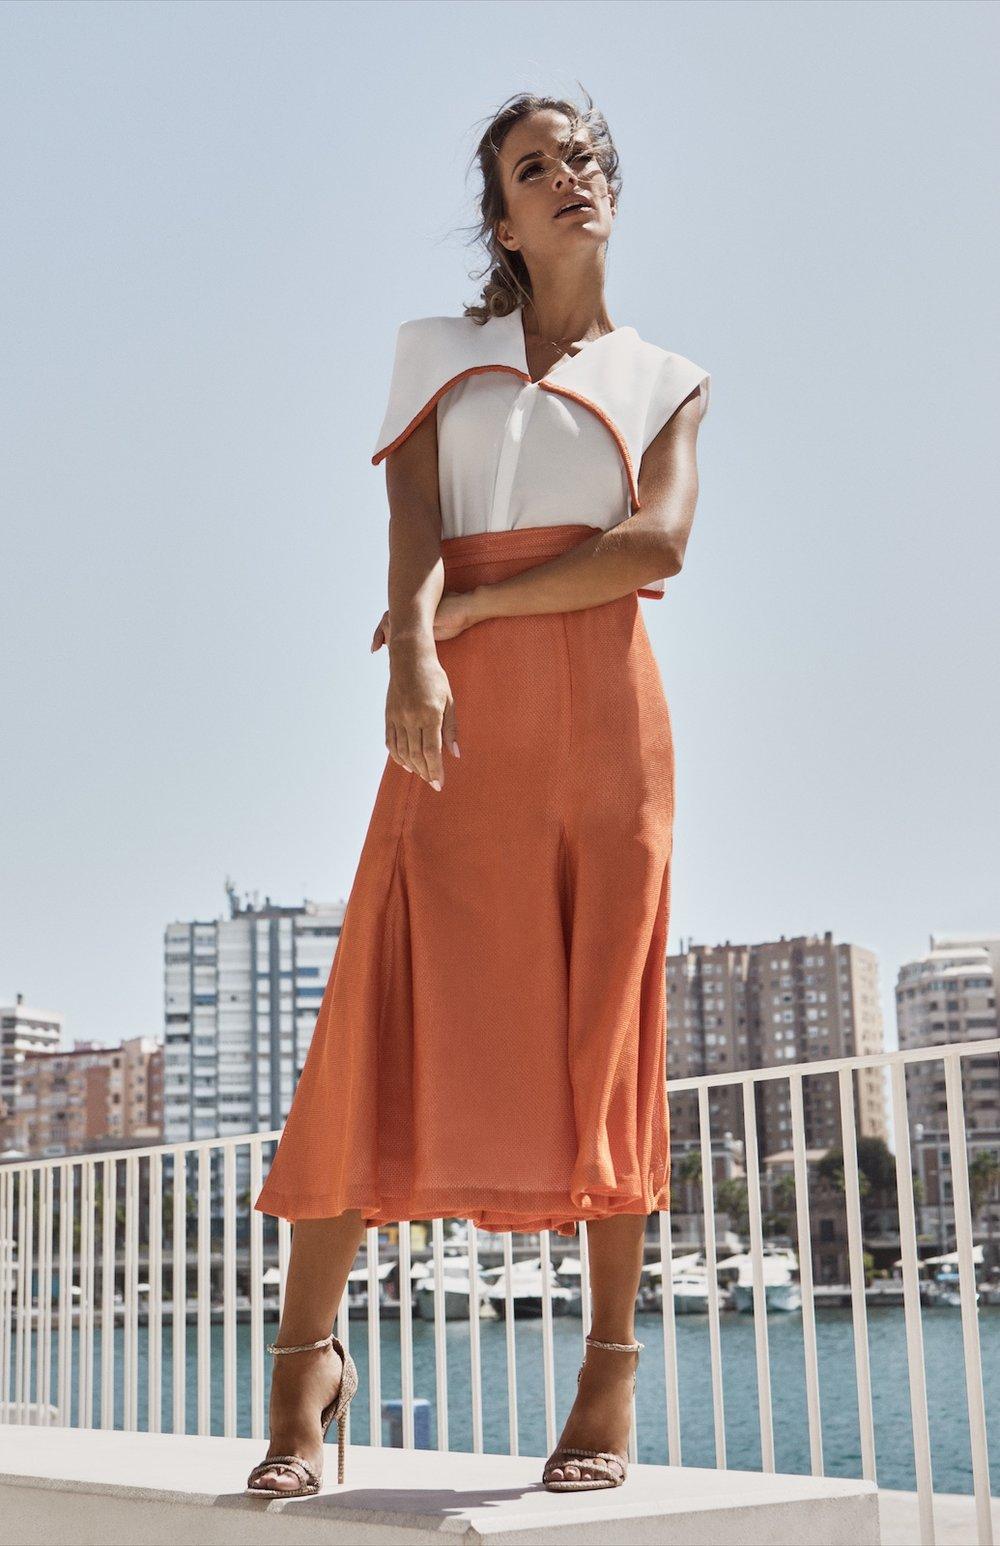 Sailor Top - Riviera Skirt